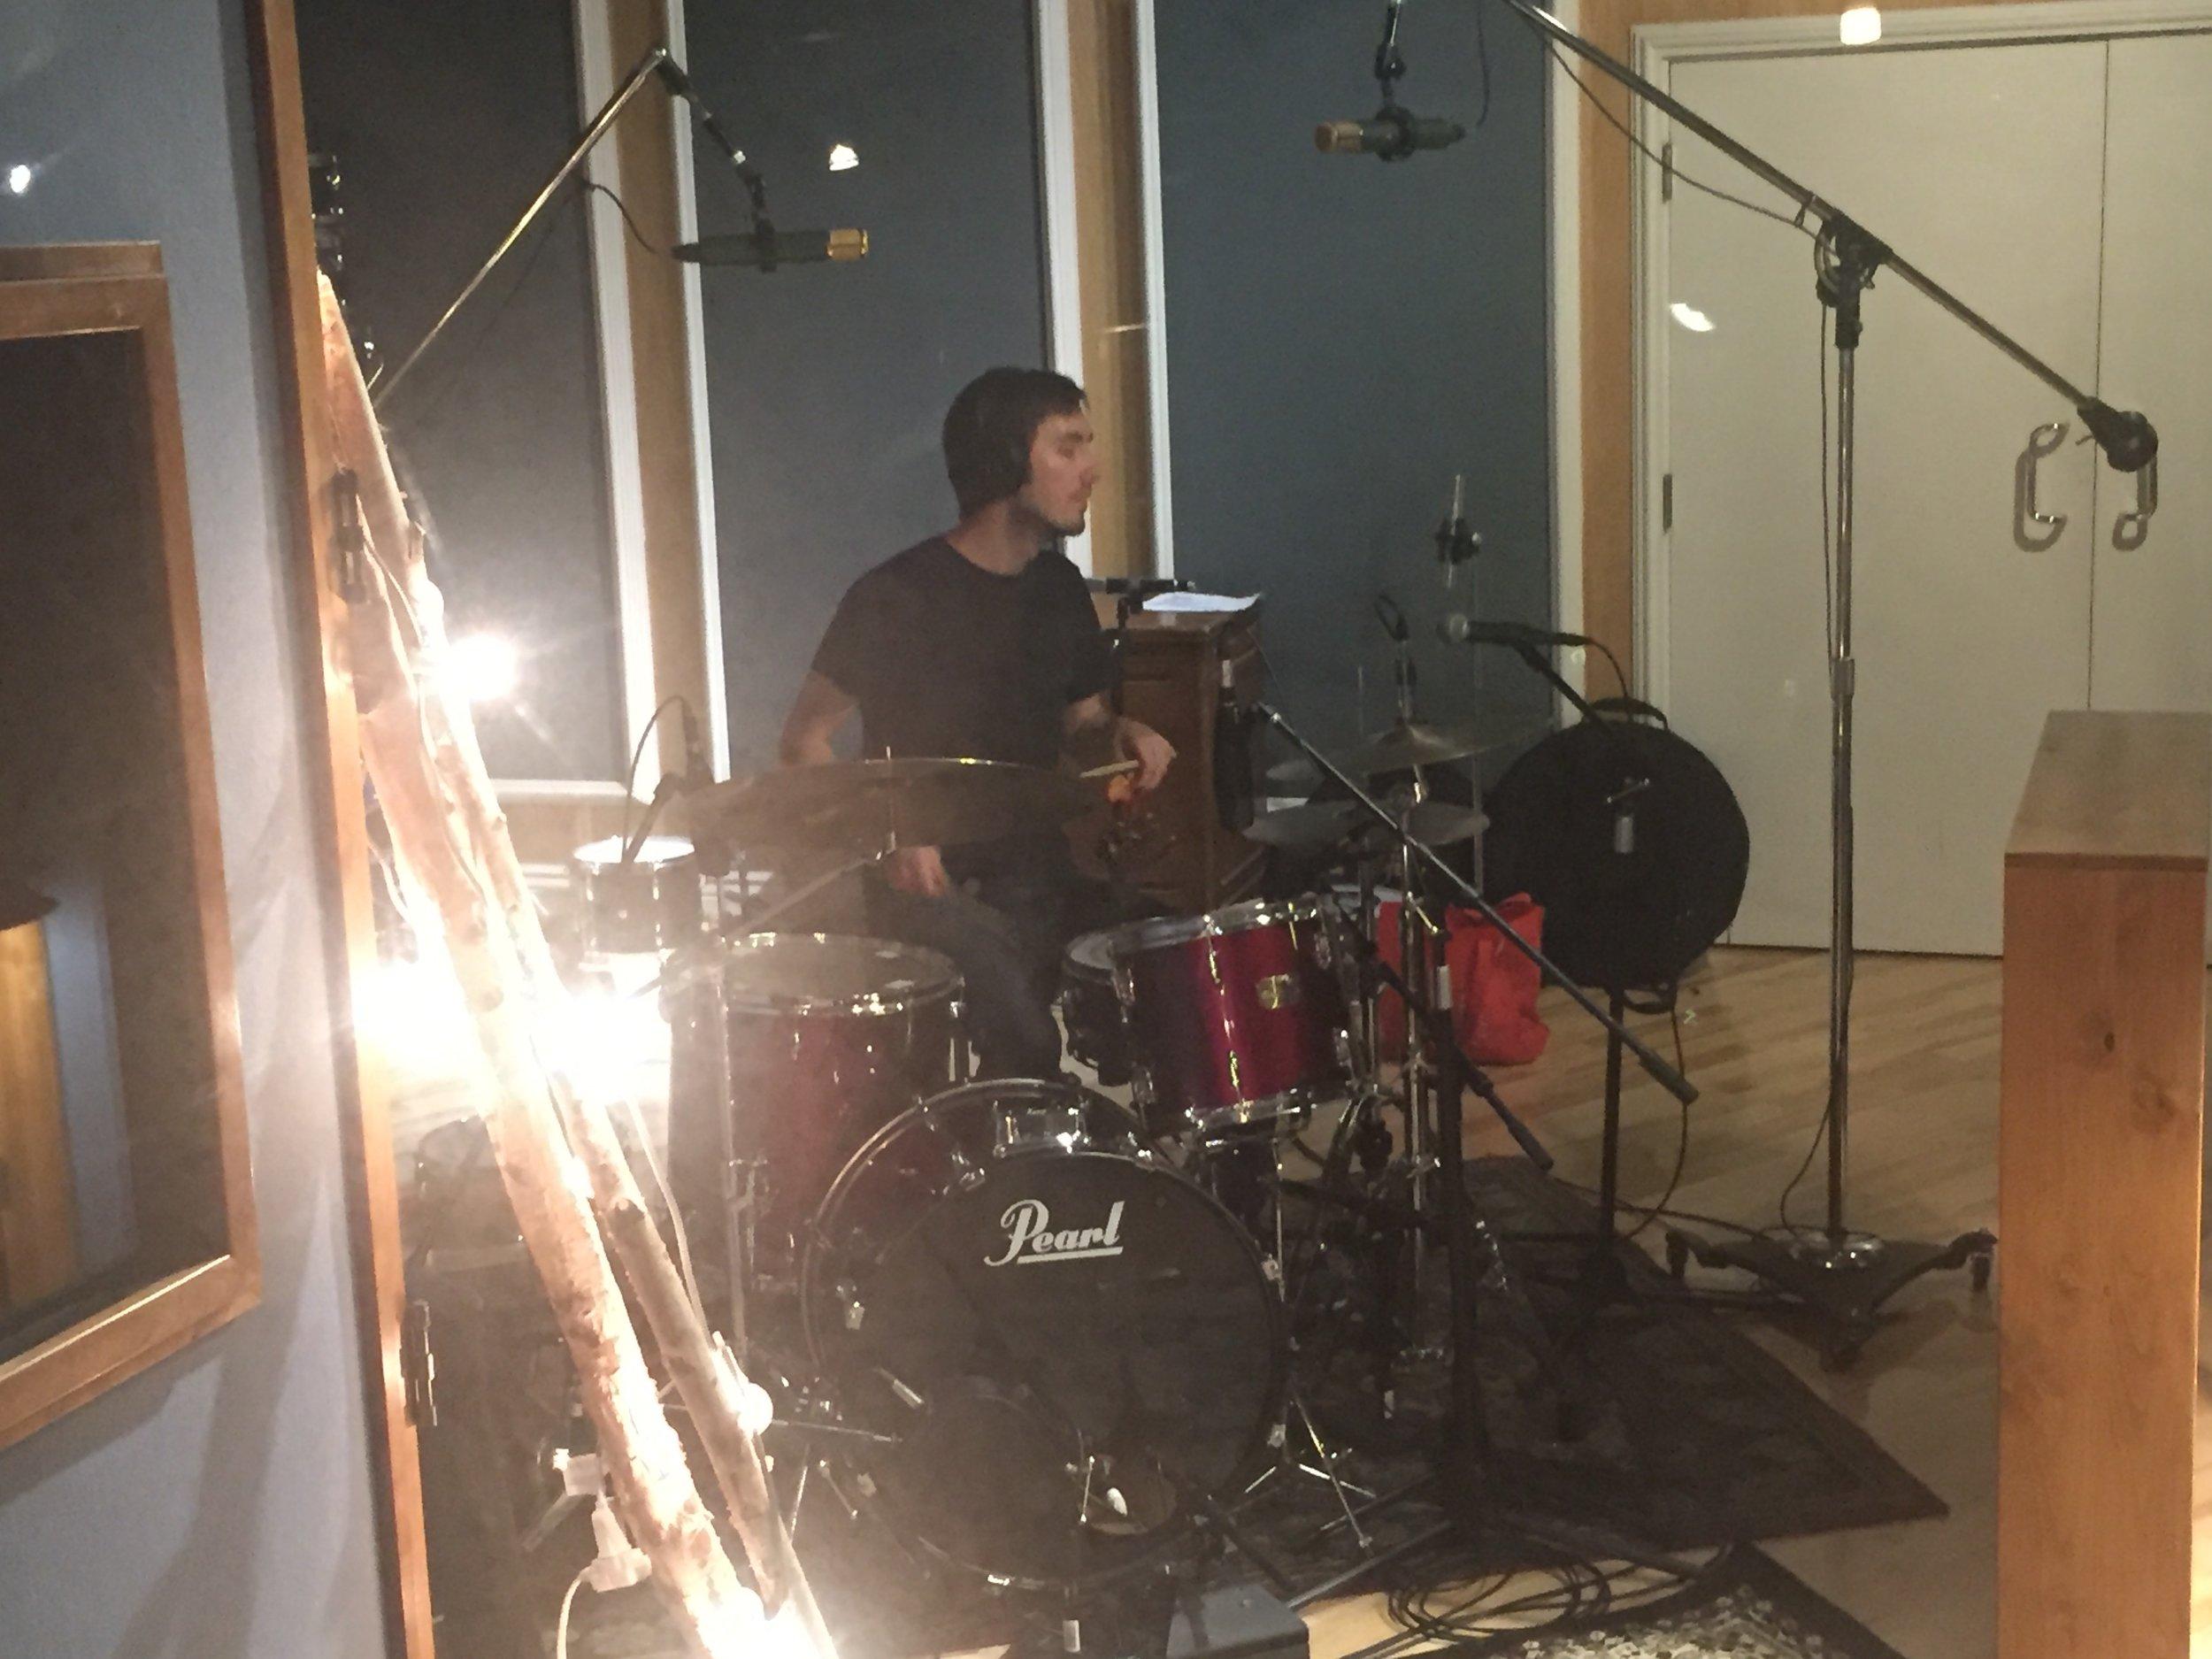 KevinMathews_Drums.jpg